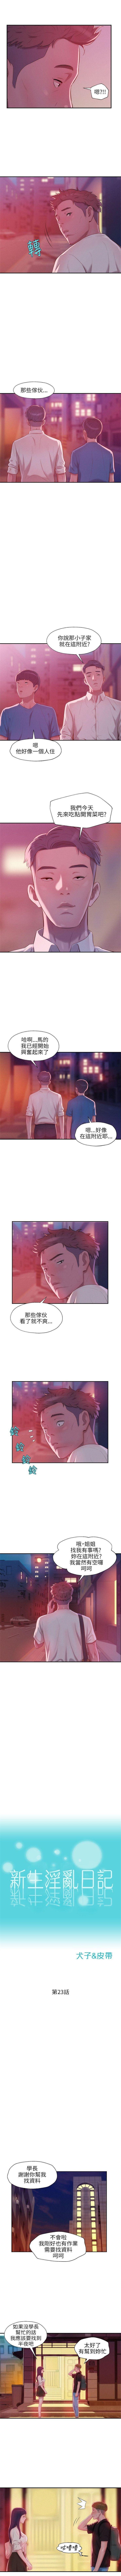 新生淫乱日记 1-61完结(中文) 116